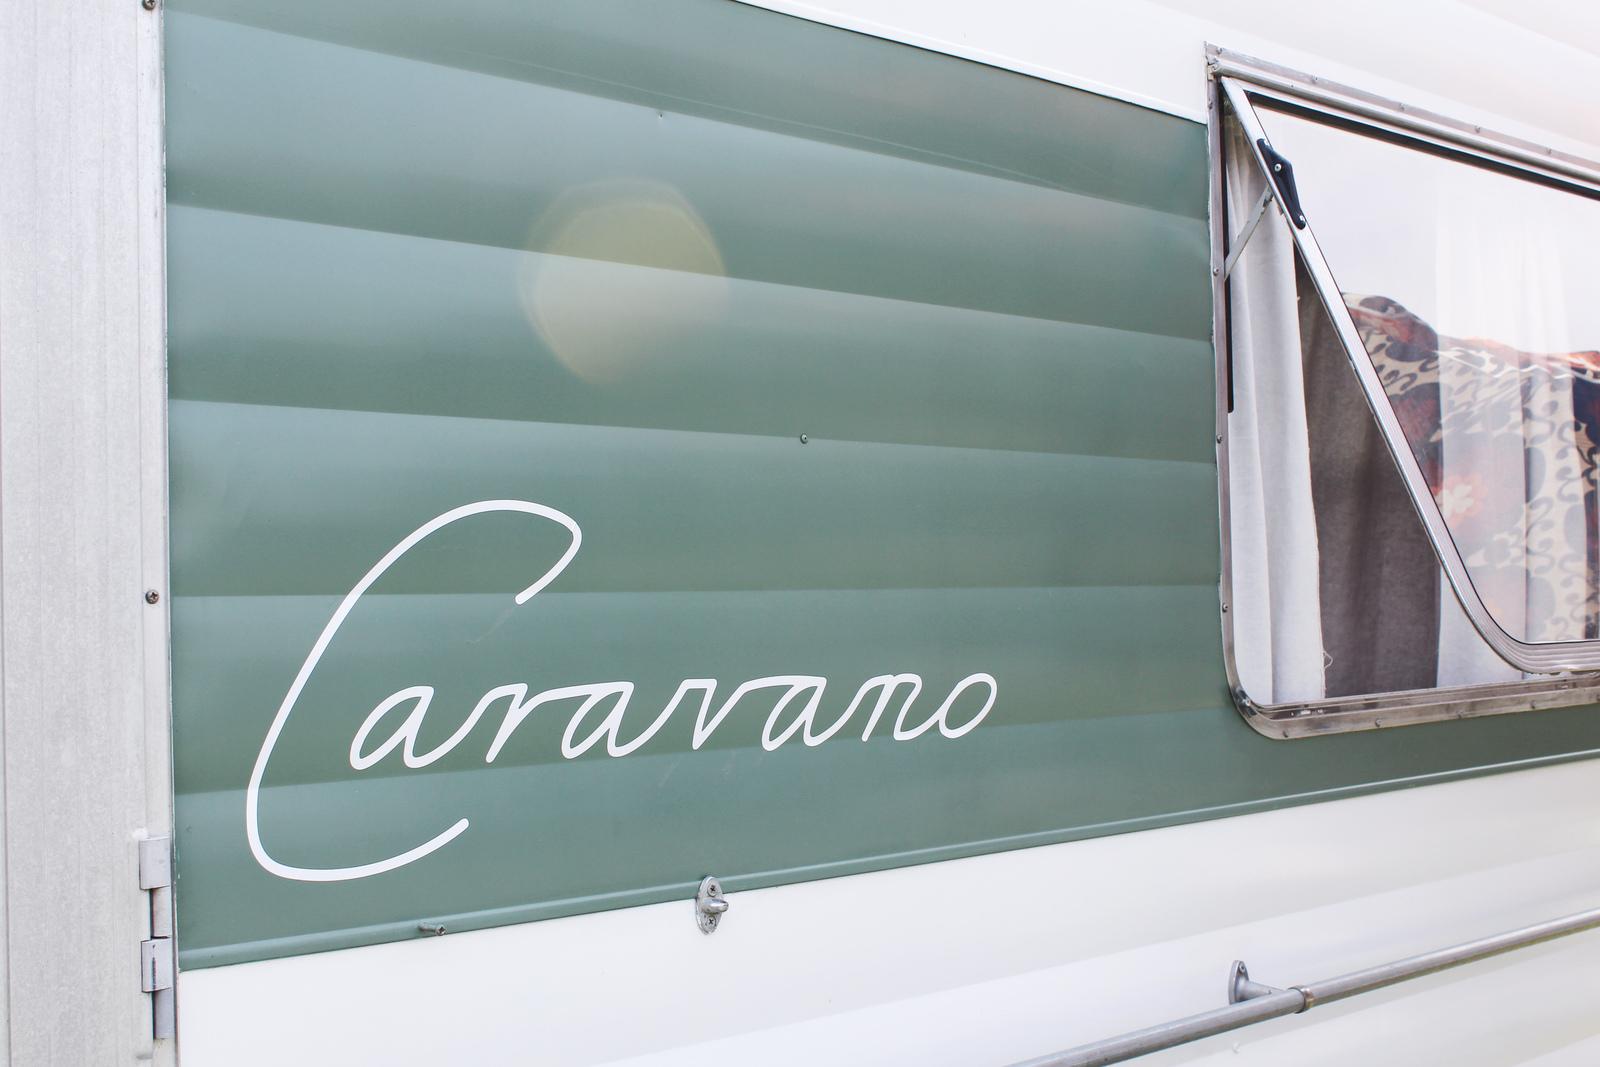 Caravano - Cover Image